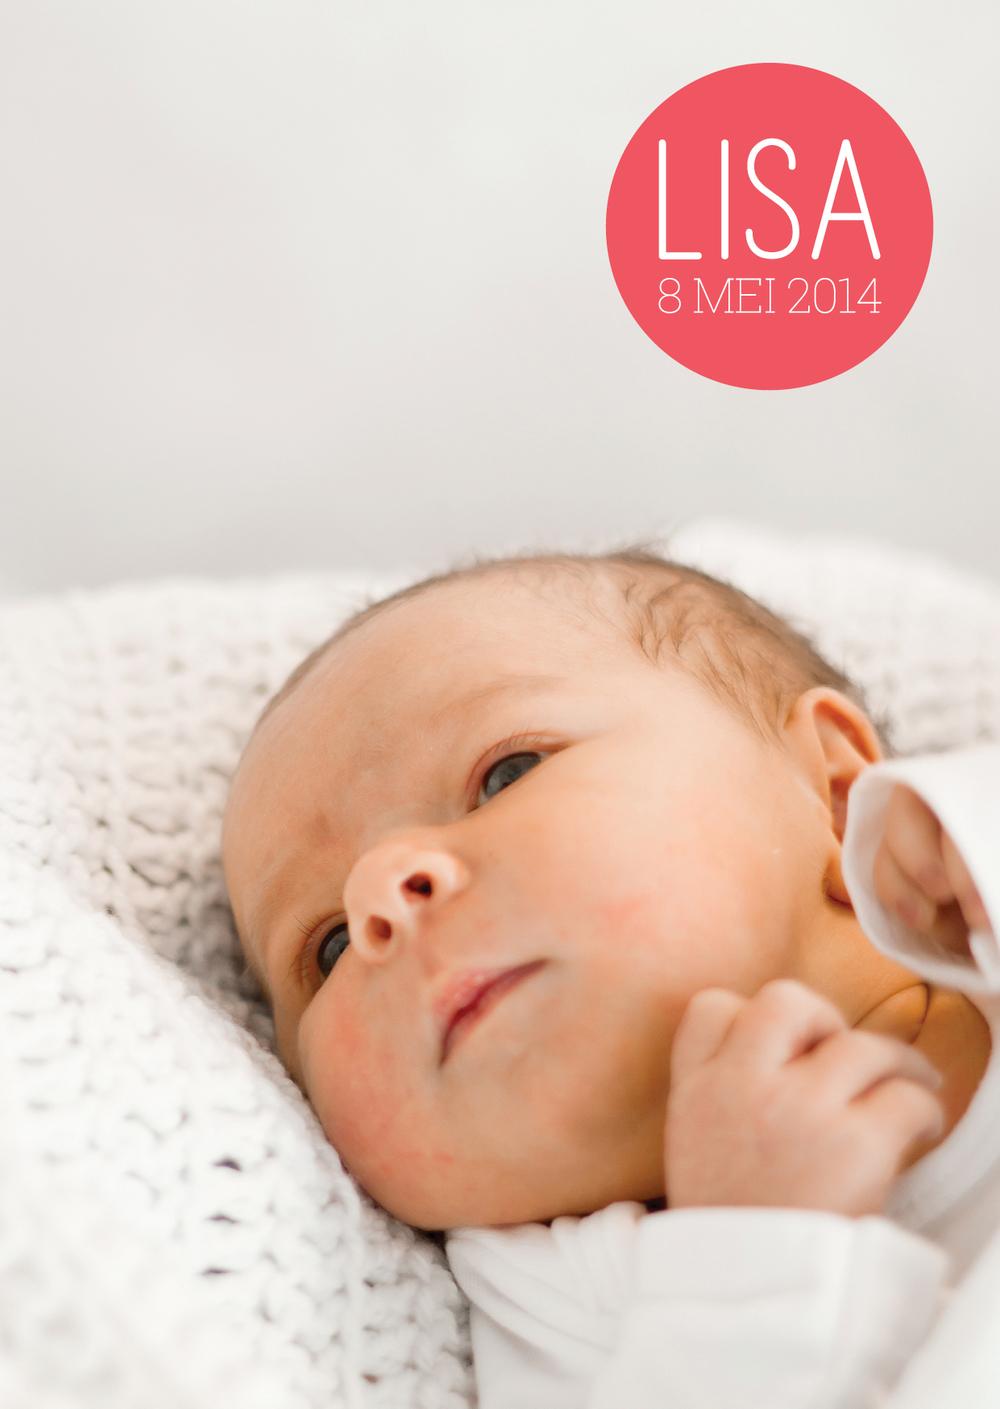 Baby Lisa geboortekaartje| fotografie